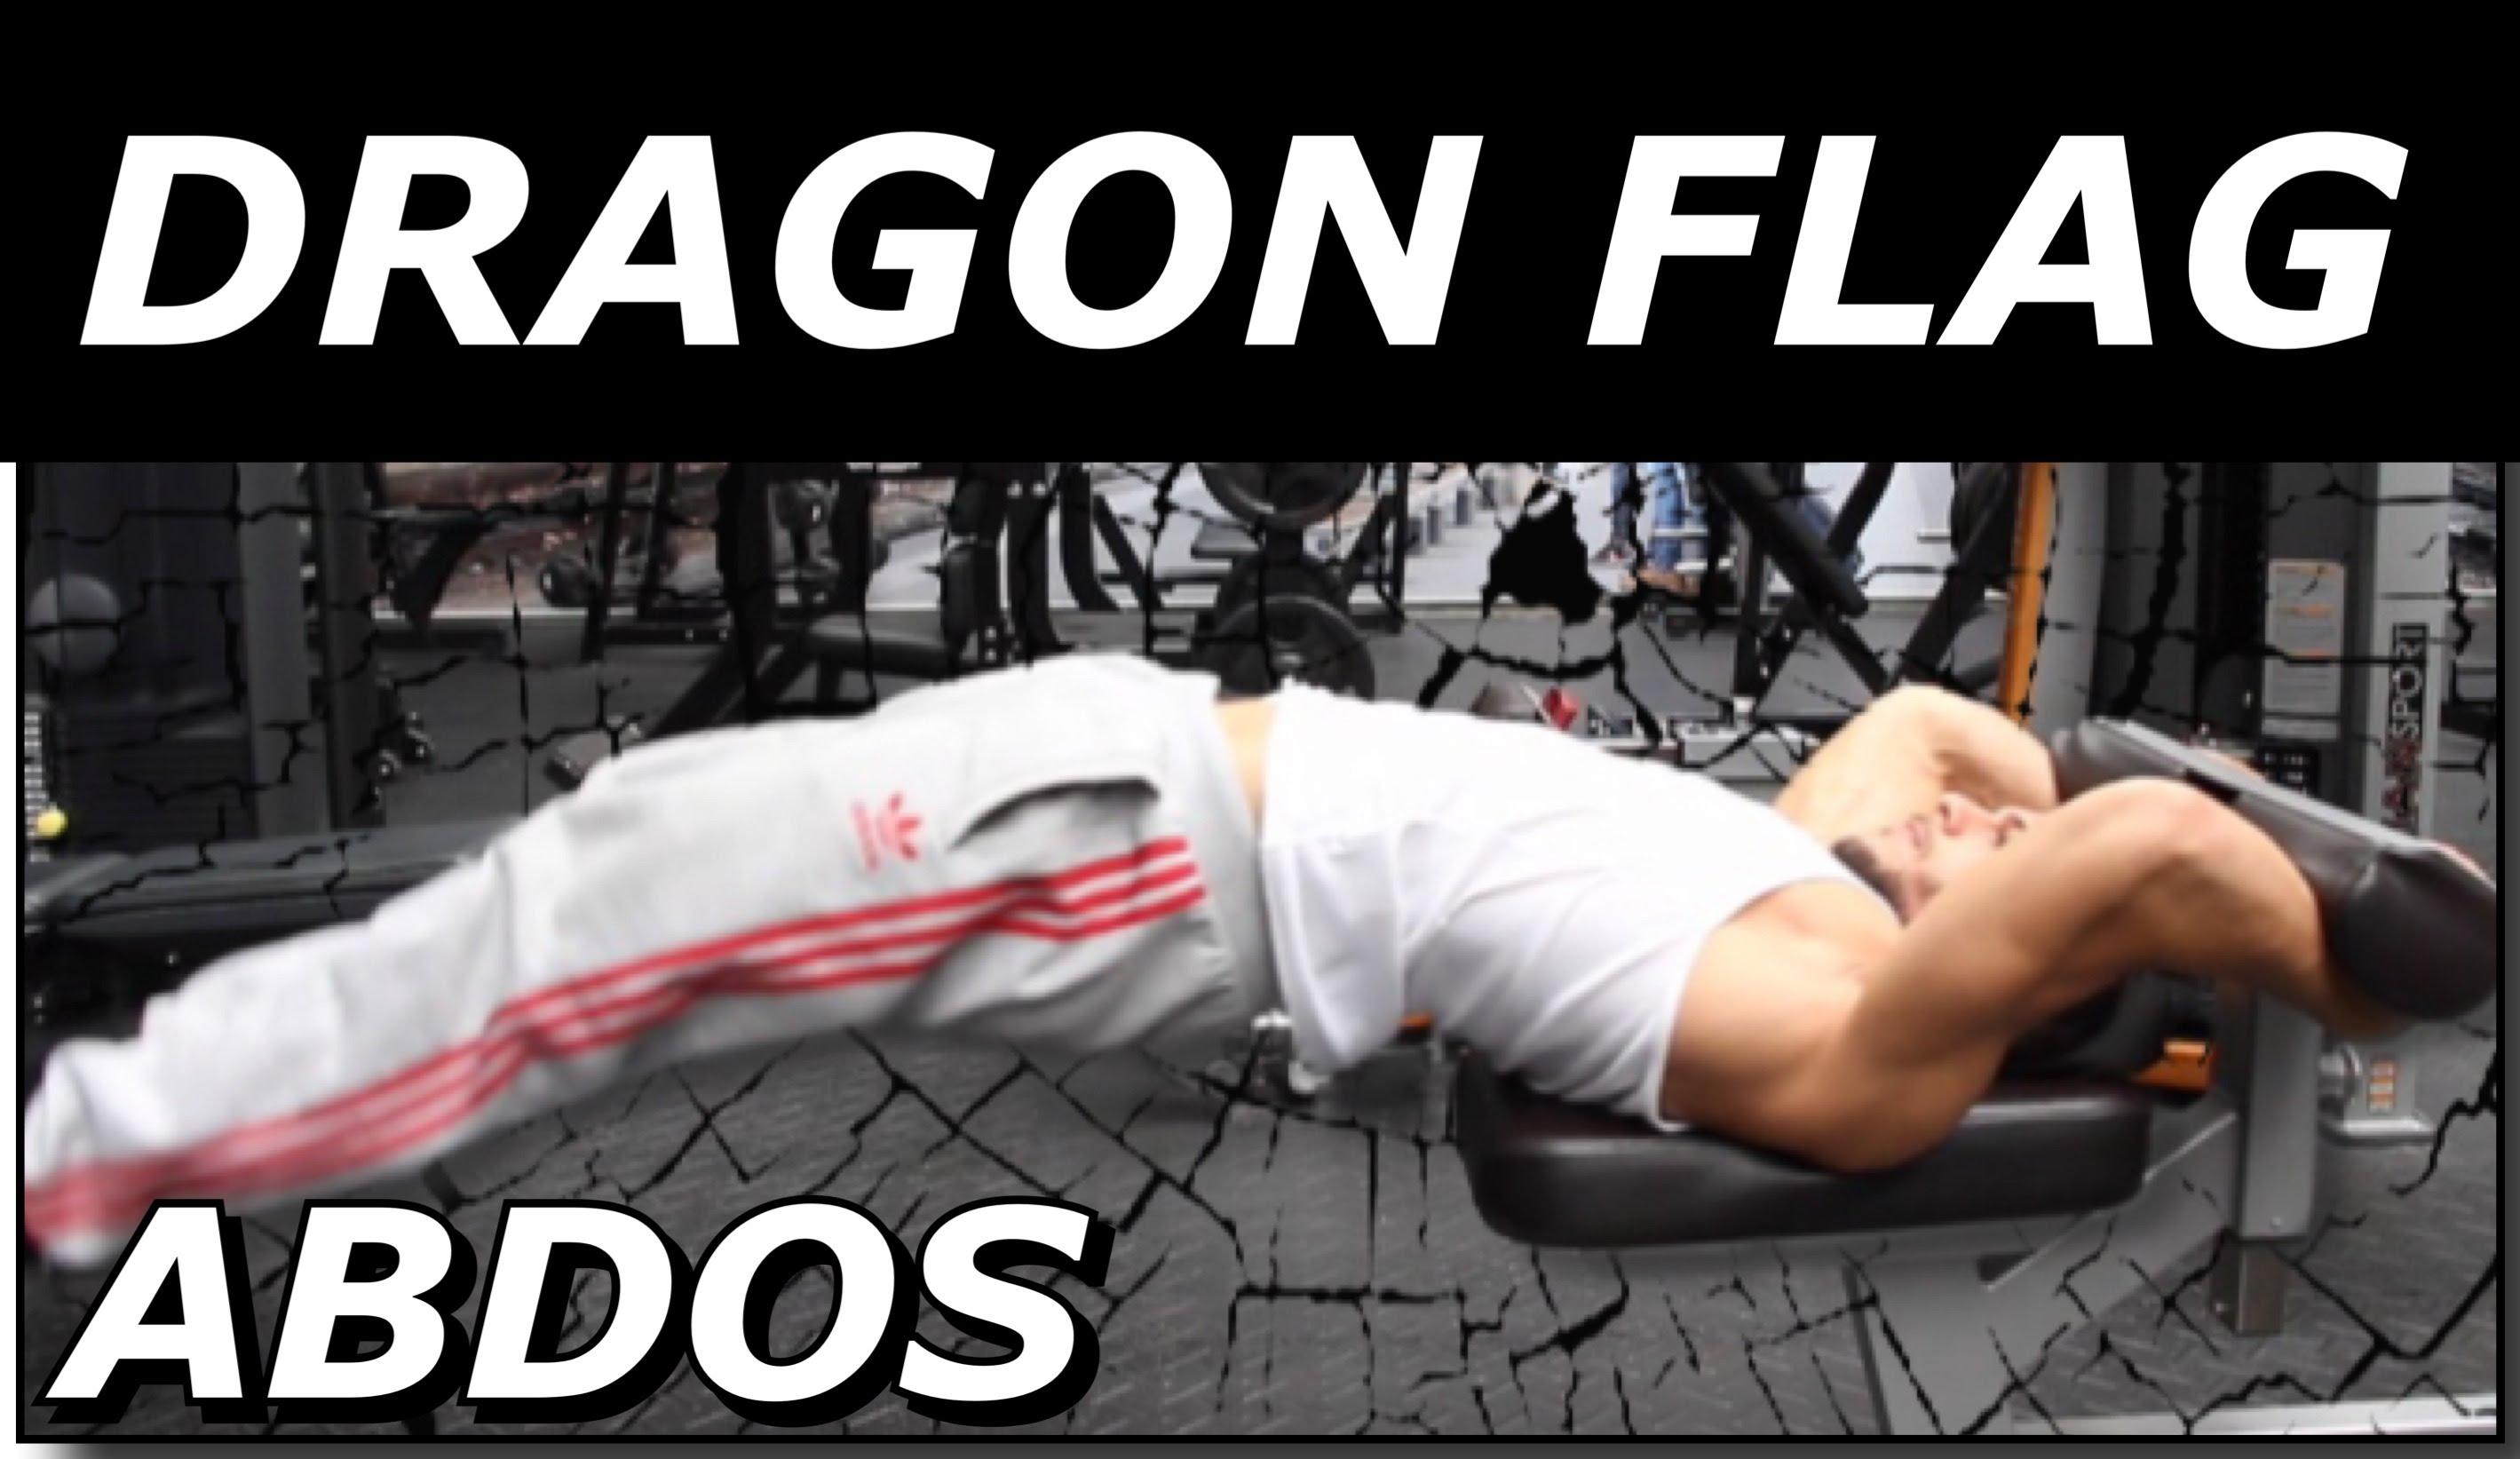 Le Dragon Flag, l'un des meilleurs exercices abdominaux